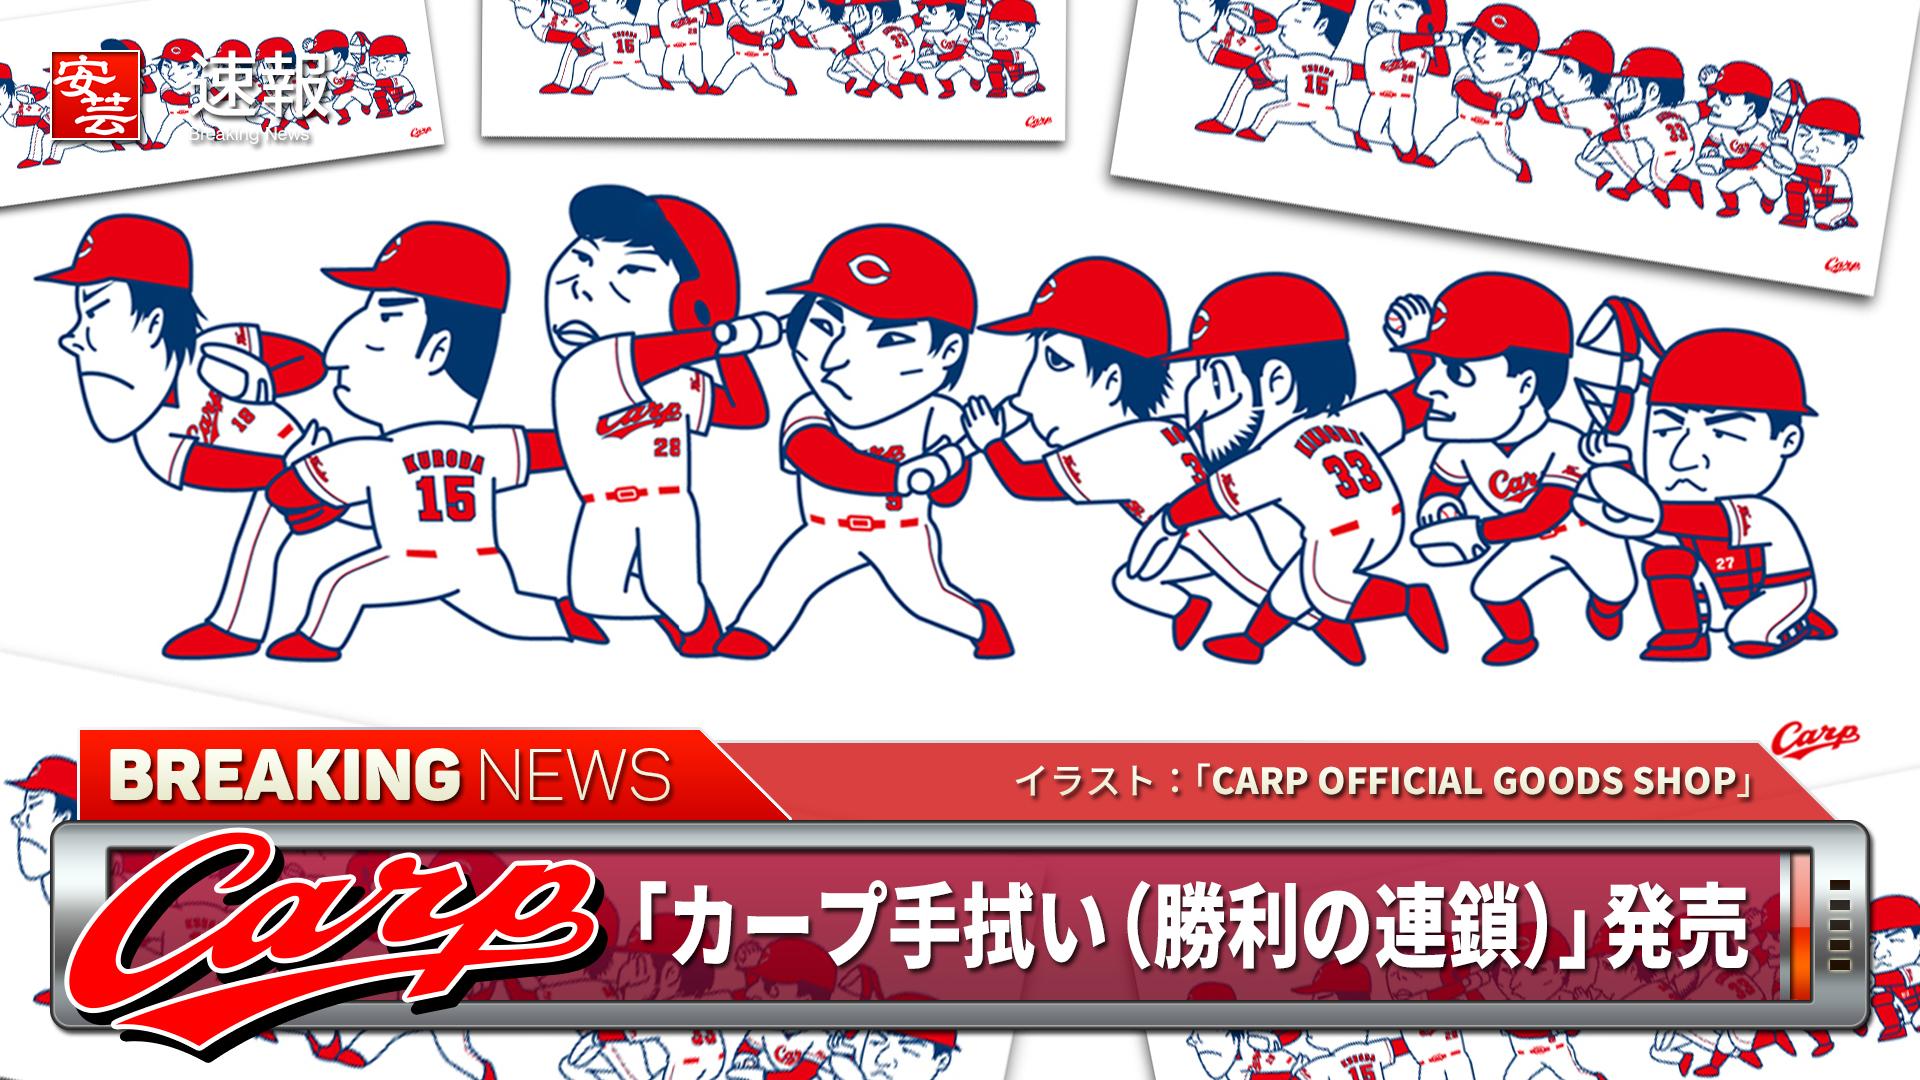 カープ手拭い 勝利の連鎖 が発売 安芸の者がゆく 広島東洋カープ応援ブログ